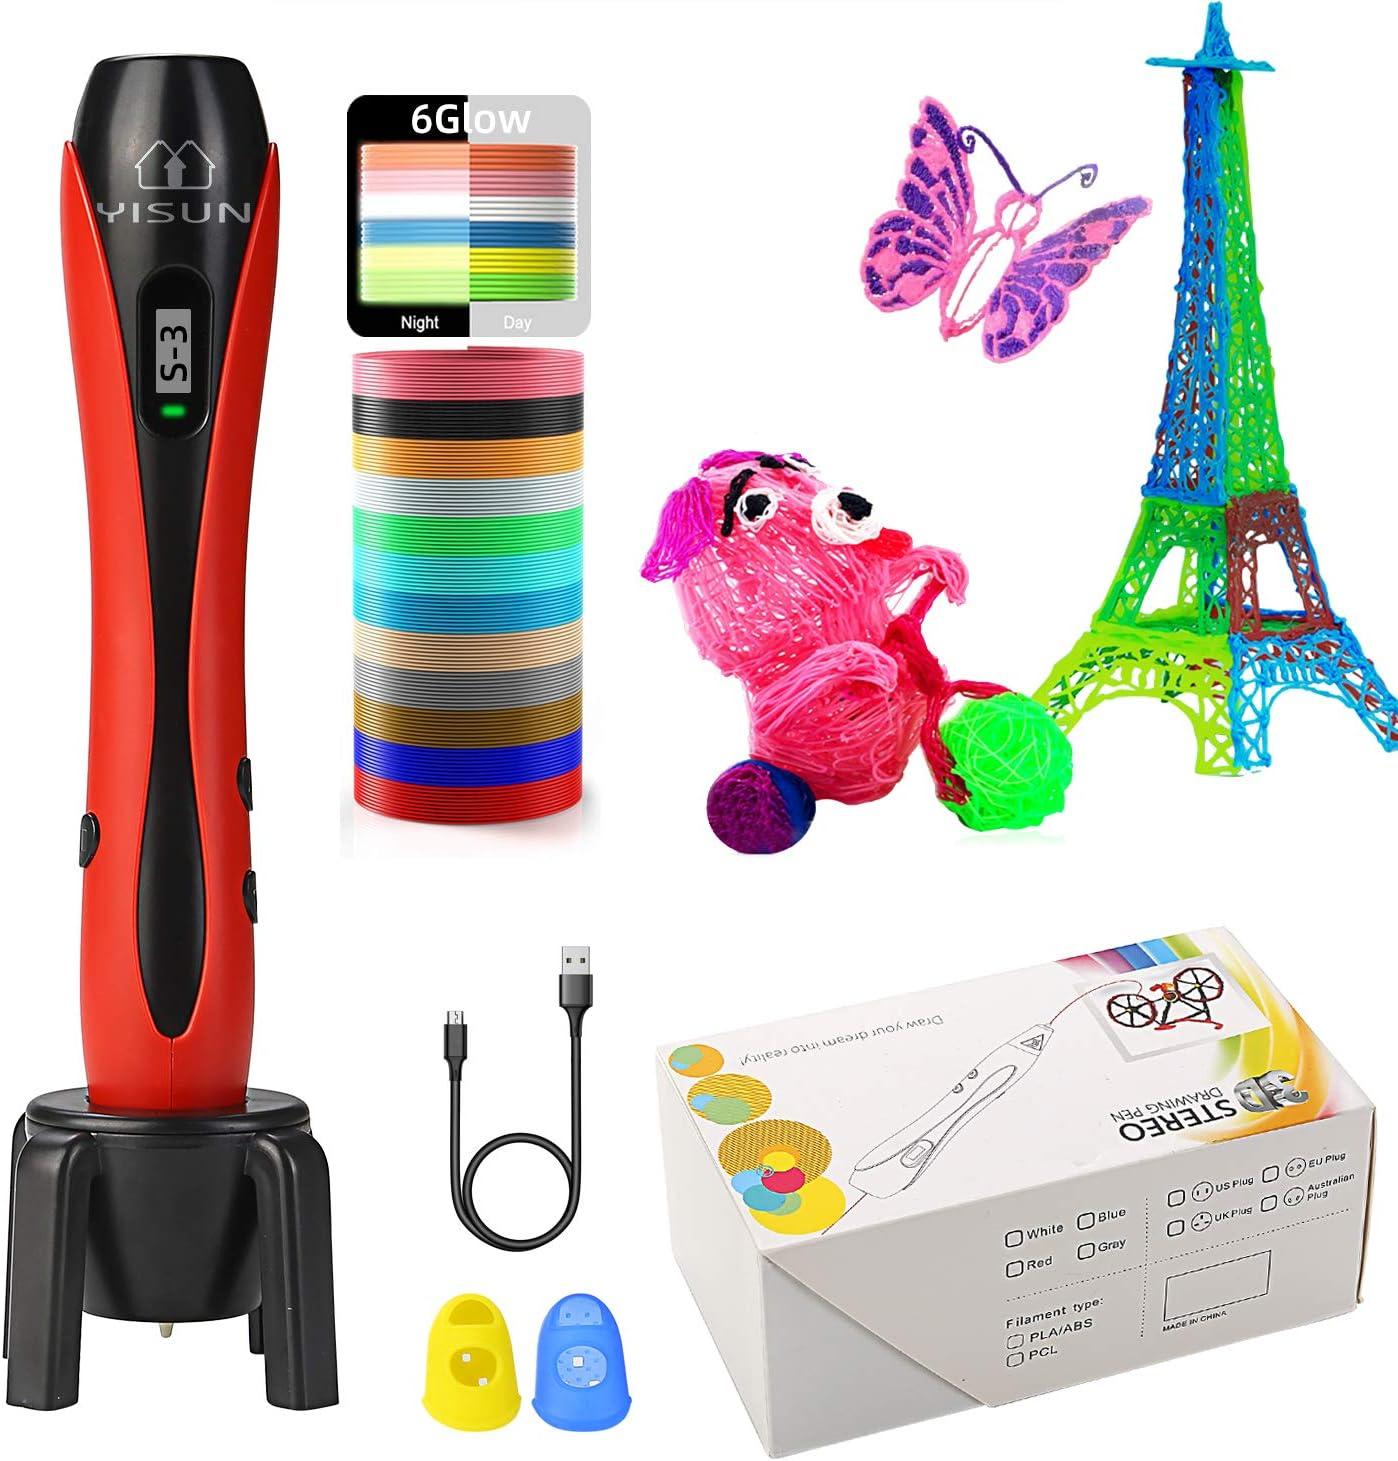 YISUN Pluma de Impresión 3D para Niños [Mejor Regalo Creativo] -Indicador de Velocidad LCD, Herramienta de Dibujo de Huellas de Filamento PLA/ABS, Cable USB de 120cm, Protectores de Dedos